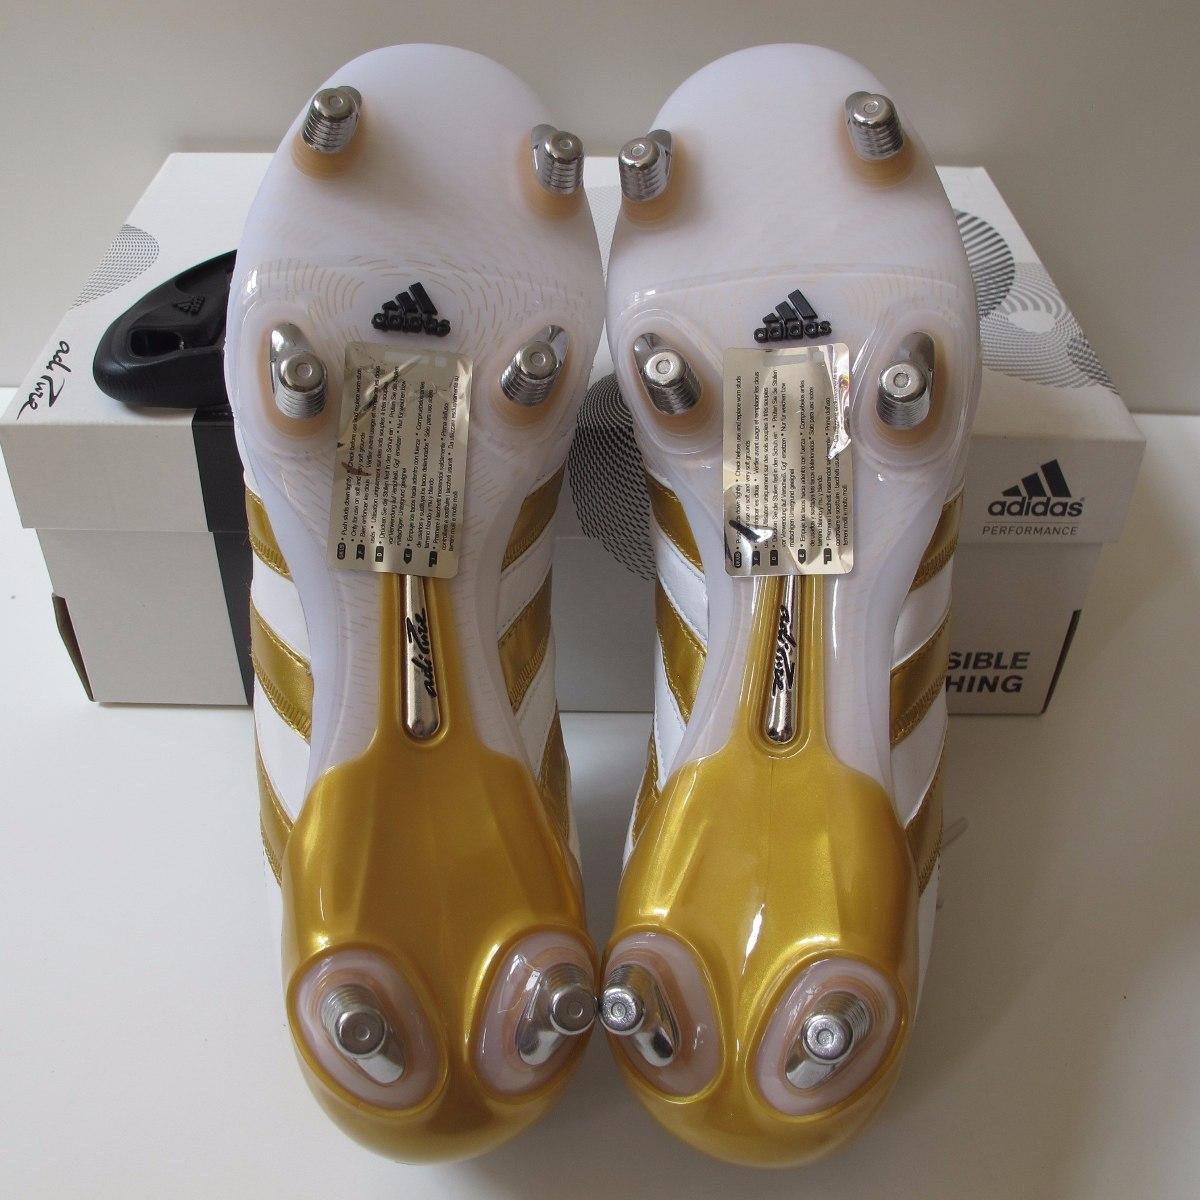 chuteira adidas adipure 11pro couro de canguru original. Carregando zoom. 4ead0590531e7